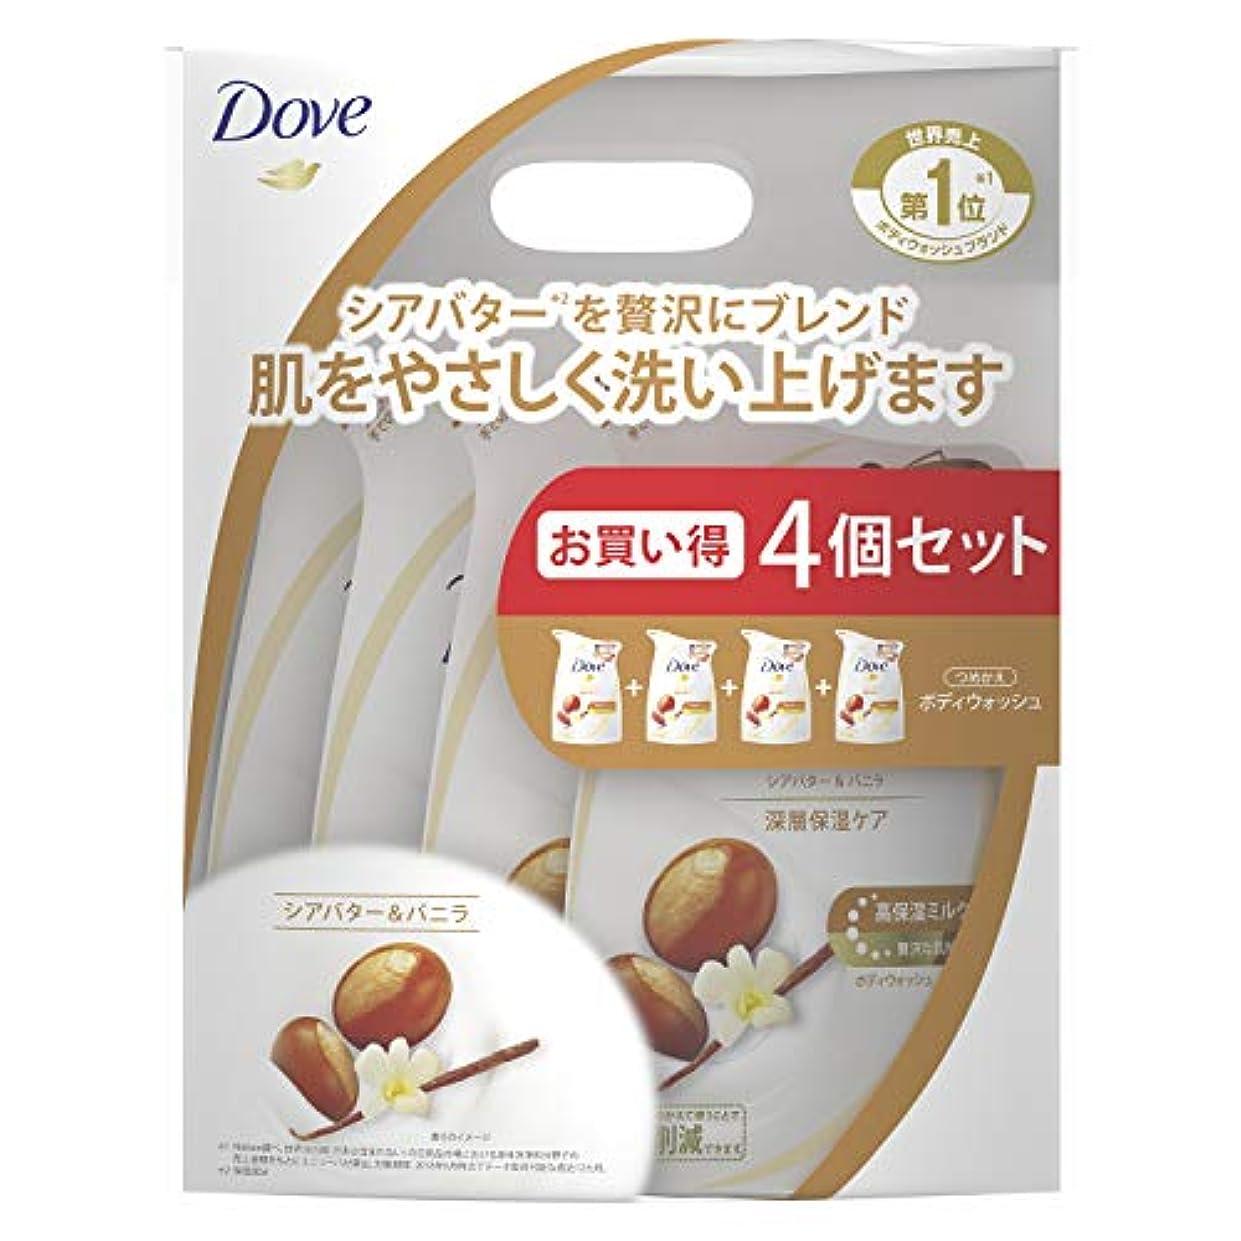 り床を掃除する推定ダヴ ボディウォッシュ リッチケア シアバター&バニラ つめかえ用 4個セット